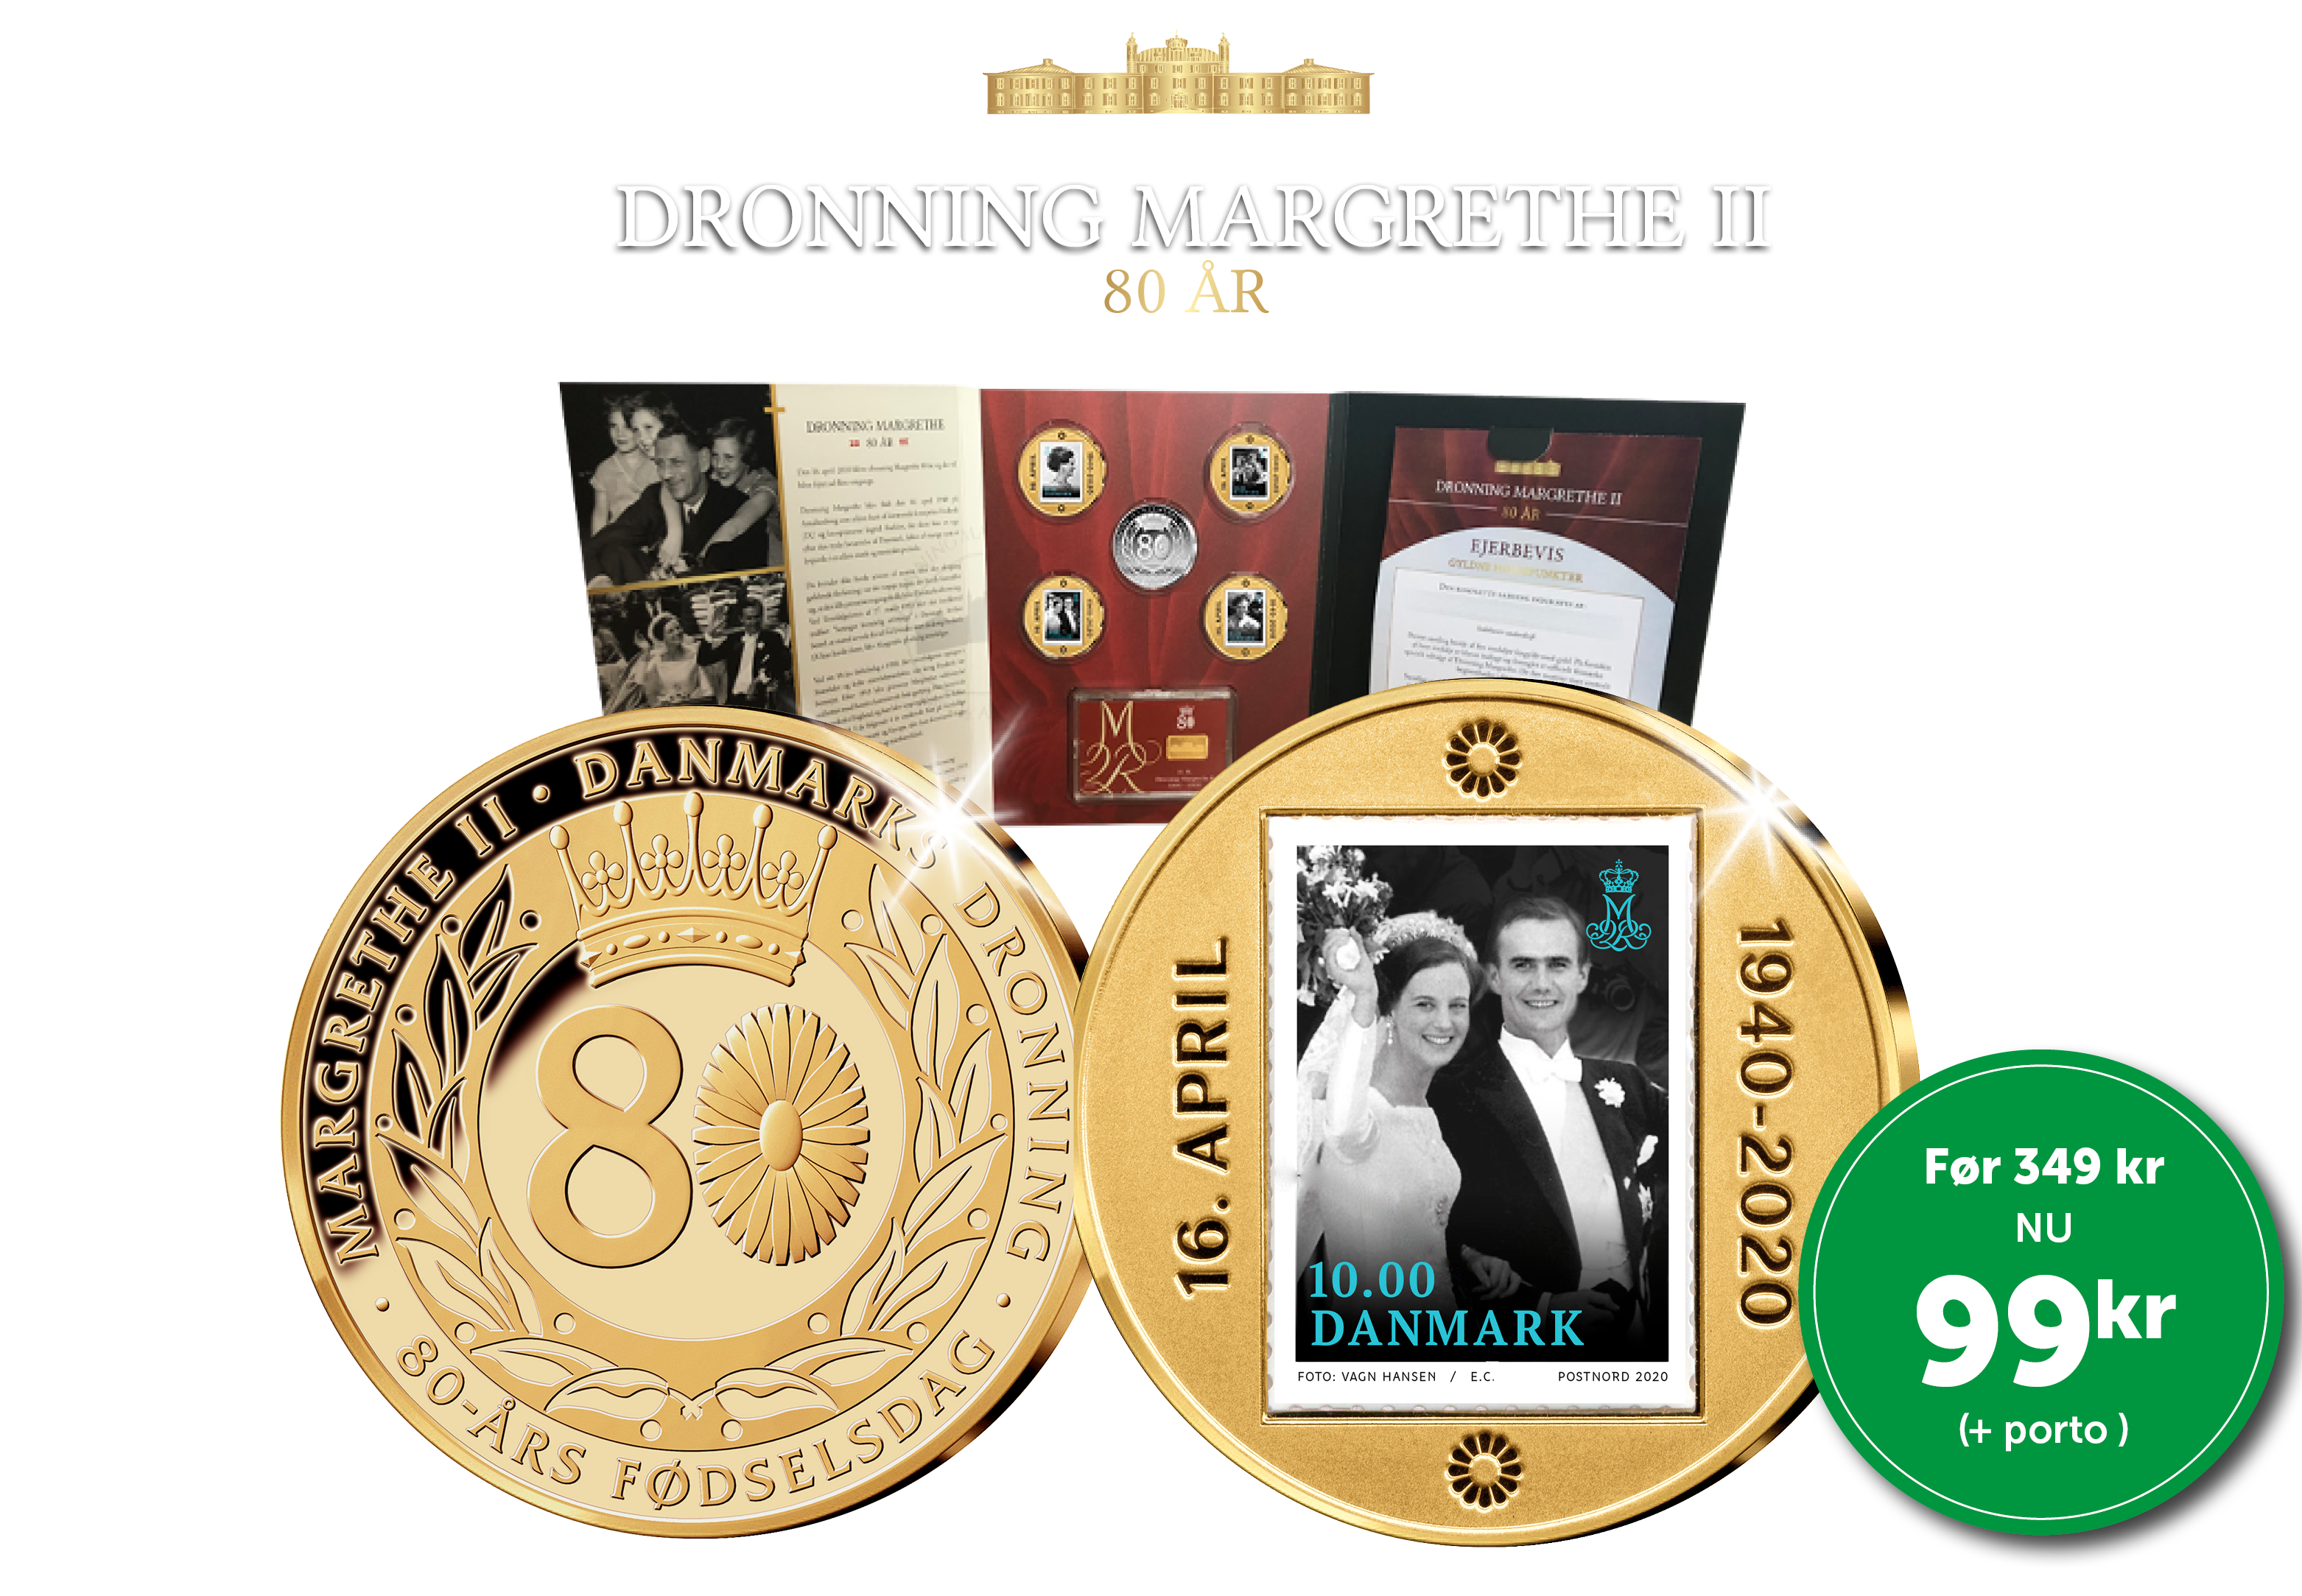 Dronning Margrethes 80 år - Løbende samling. Ingen binding. Du kan til enhver tid opsige din samling